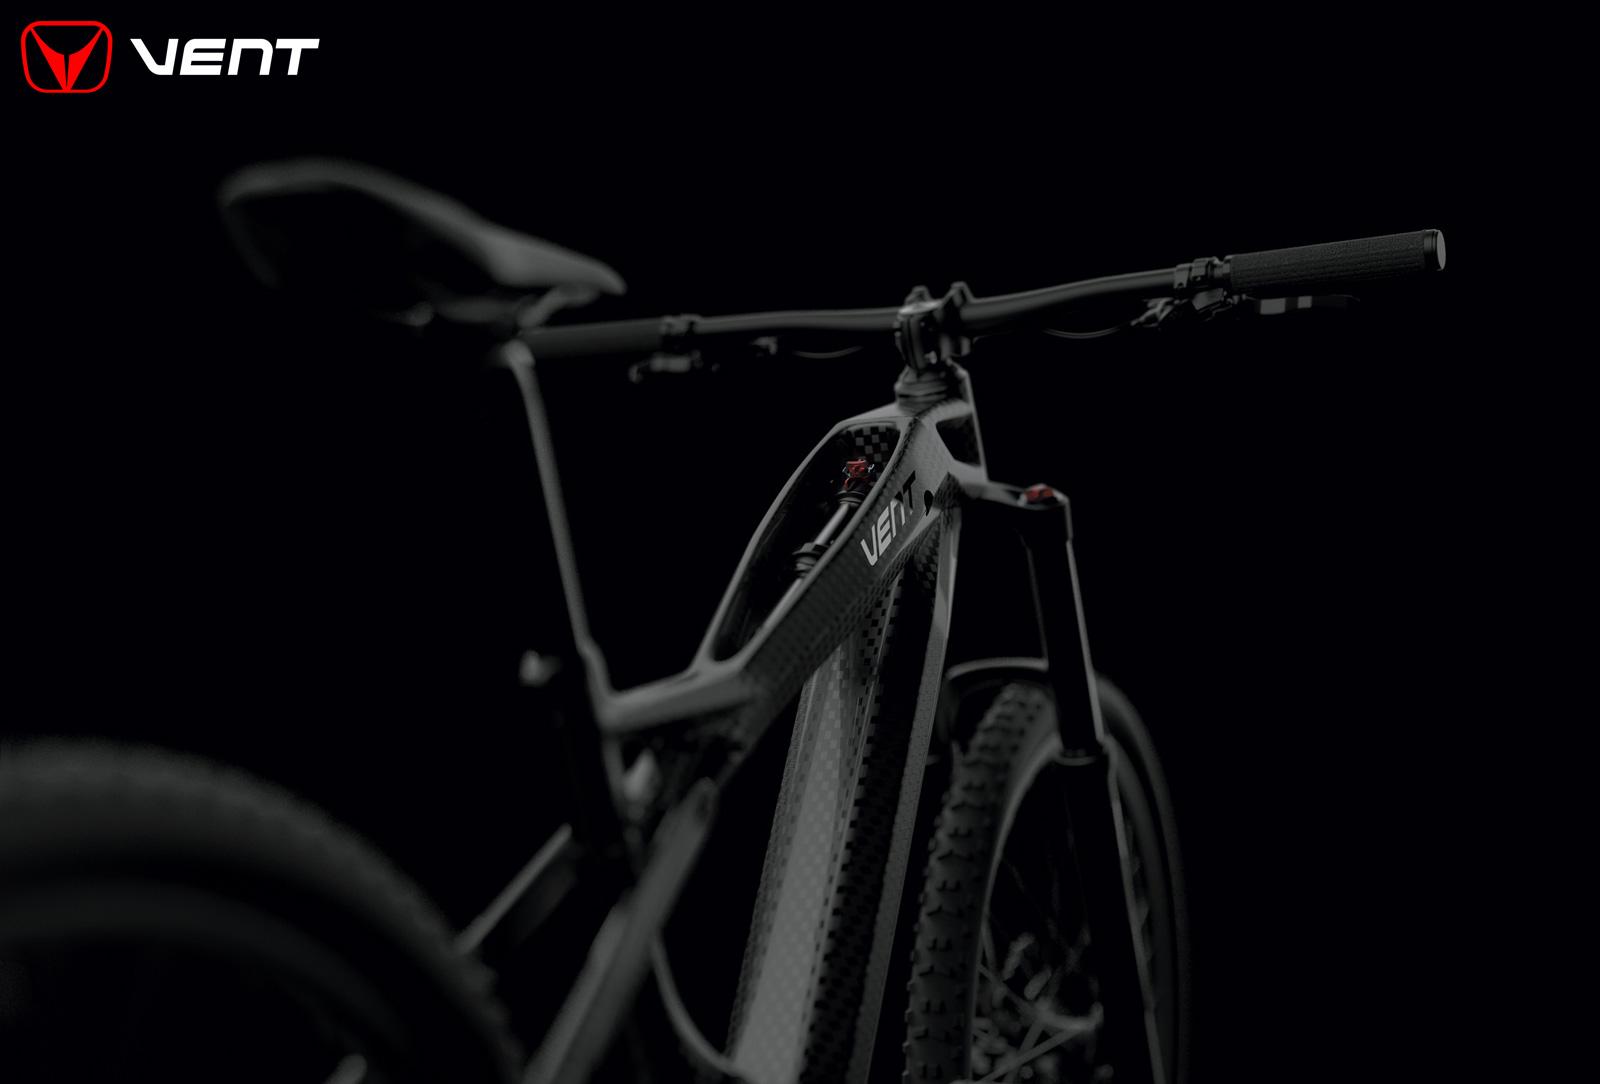 L'ammortizzatore della mountain bike elettrica biammortizzata Vent LDV500 2020